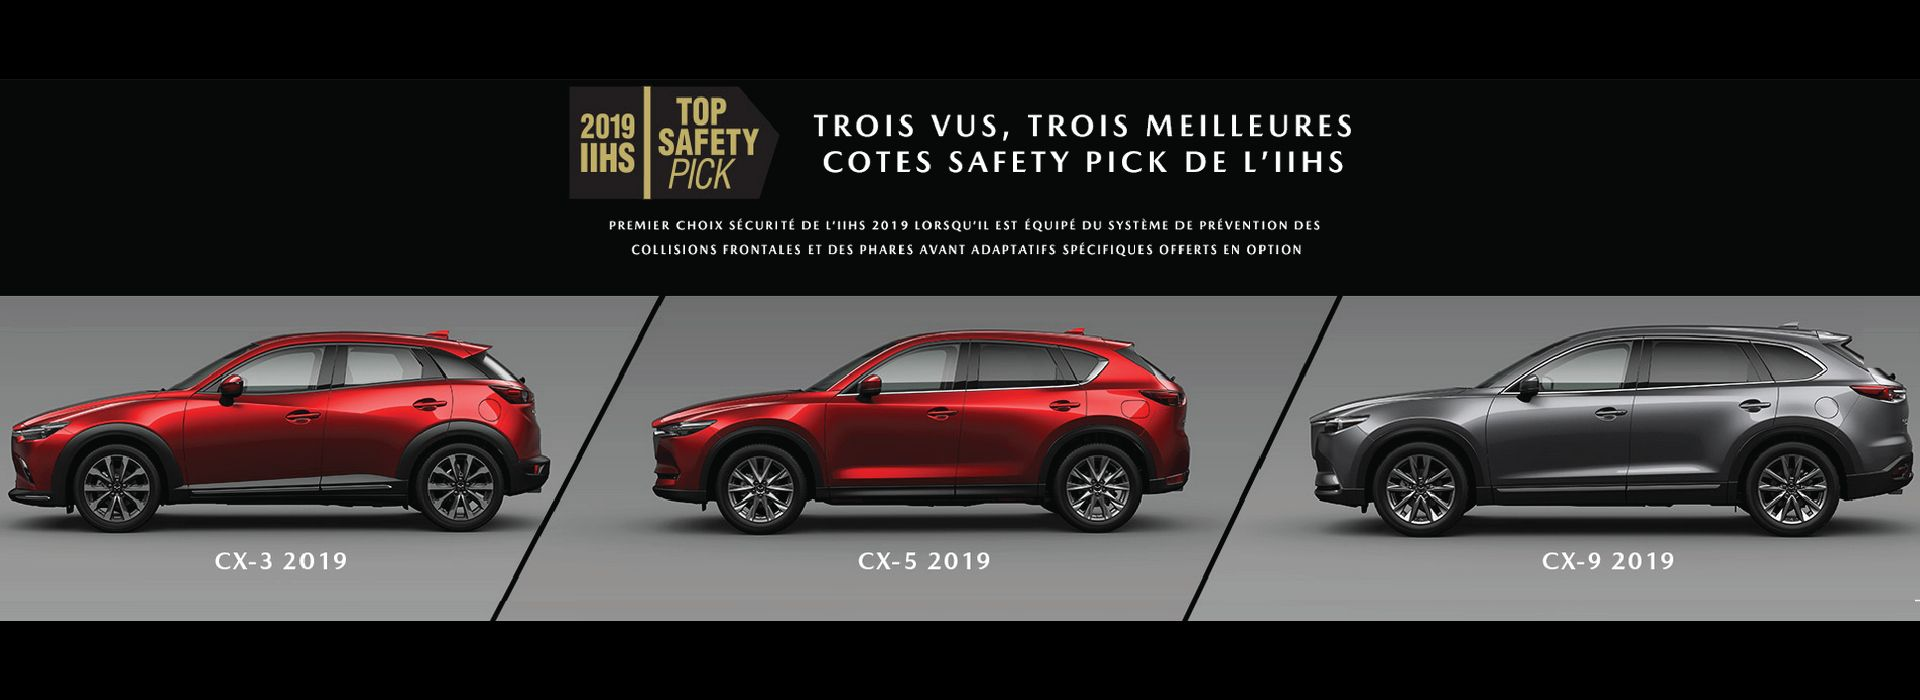 Occasion En Or Le Plus Grand Choix De Vehicules Usages Au Quebec >> Vehicules Usages A Vendre Gabriel Occasion Groupe Gabriel